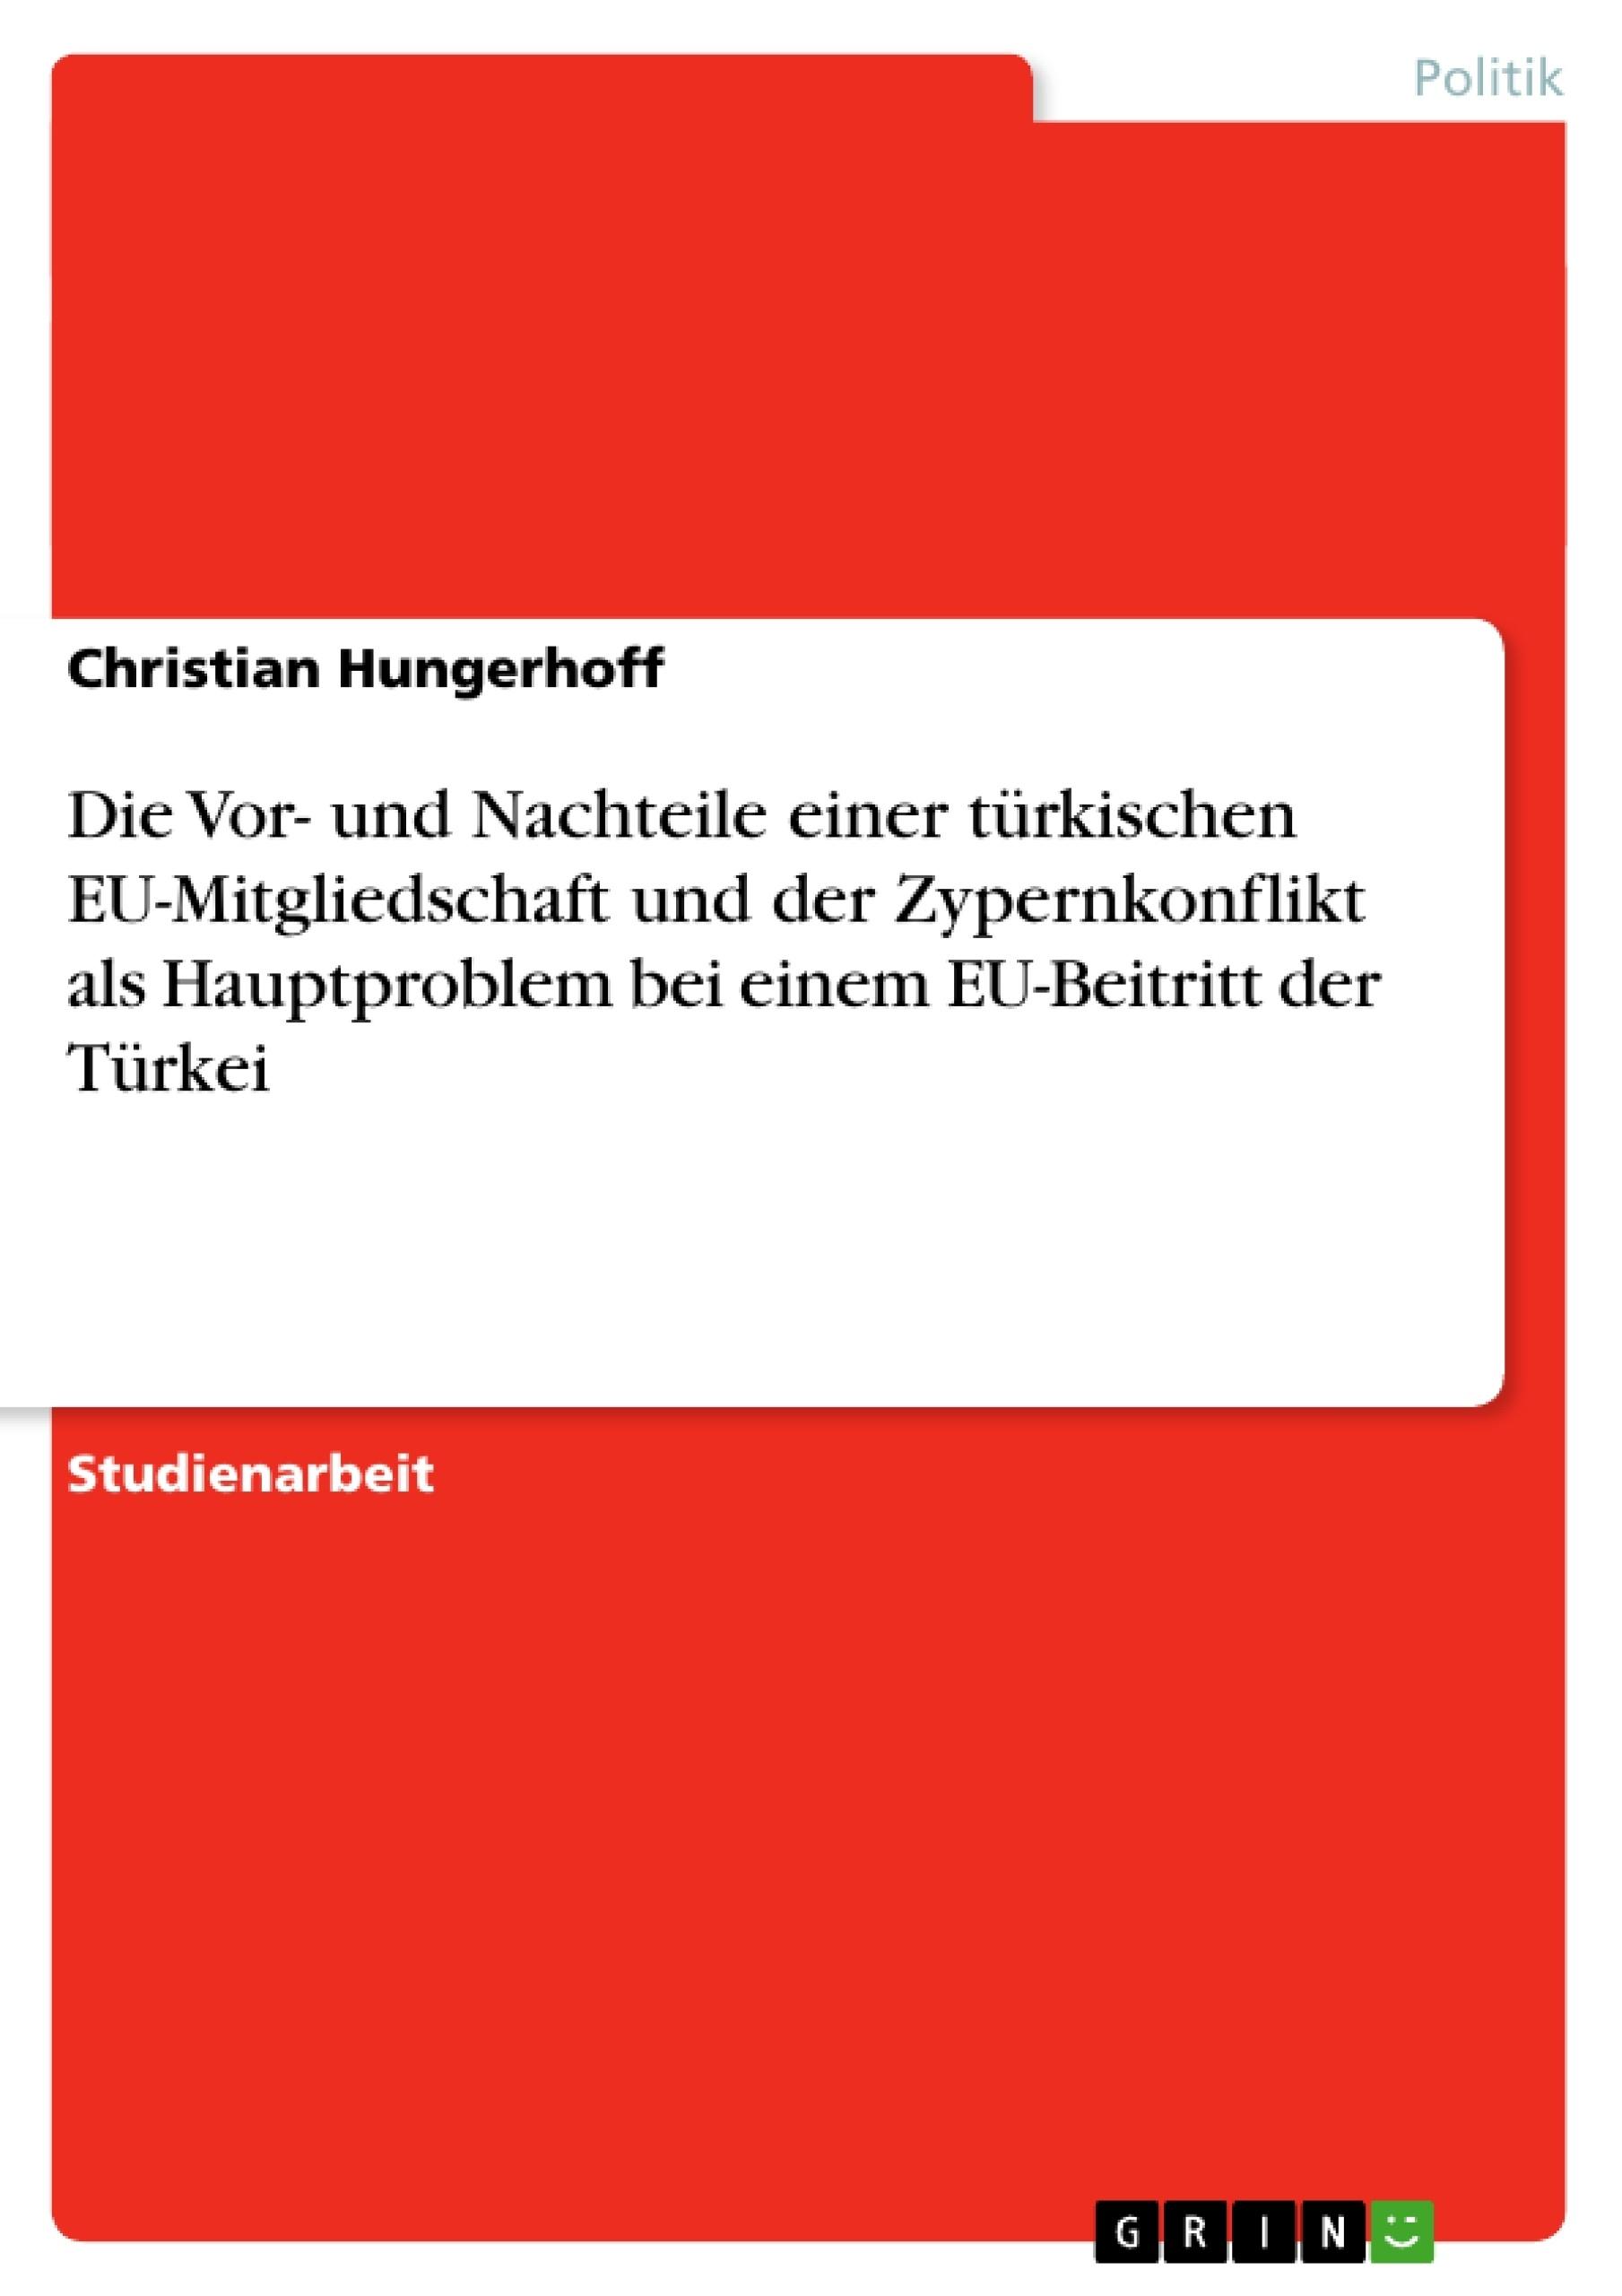 Titel: Die Vor- und Nachteile einer türkischen EU-Mitgliedschaft und der Zypernkonflikt als Hauptproblem bei einem EU-Beitritt der Türkei